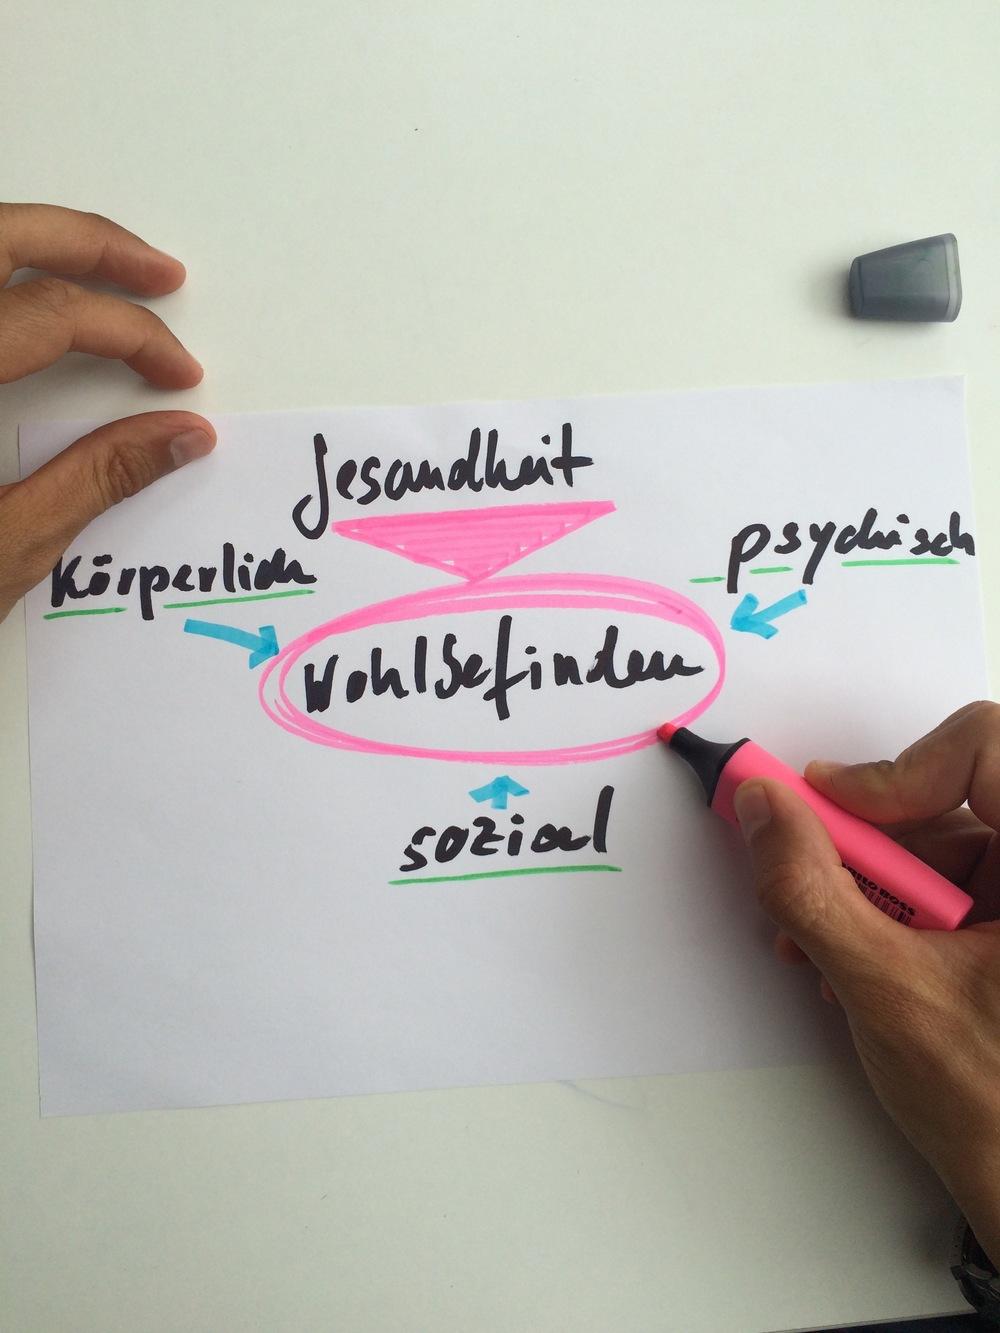 Gesundheit - der Zustand völligen körperlichen, mentalen und sozialen Wohlbefindens.